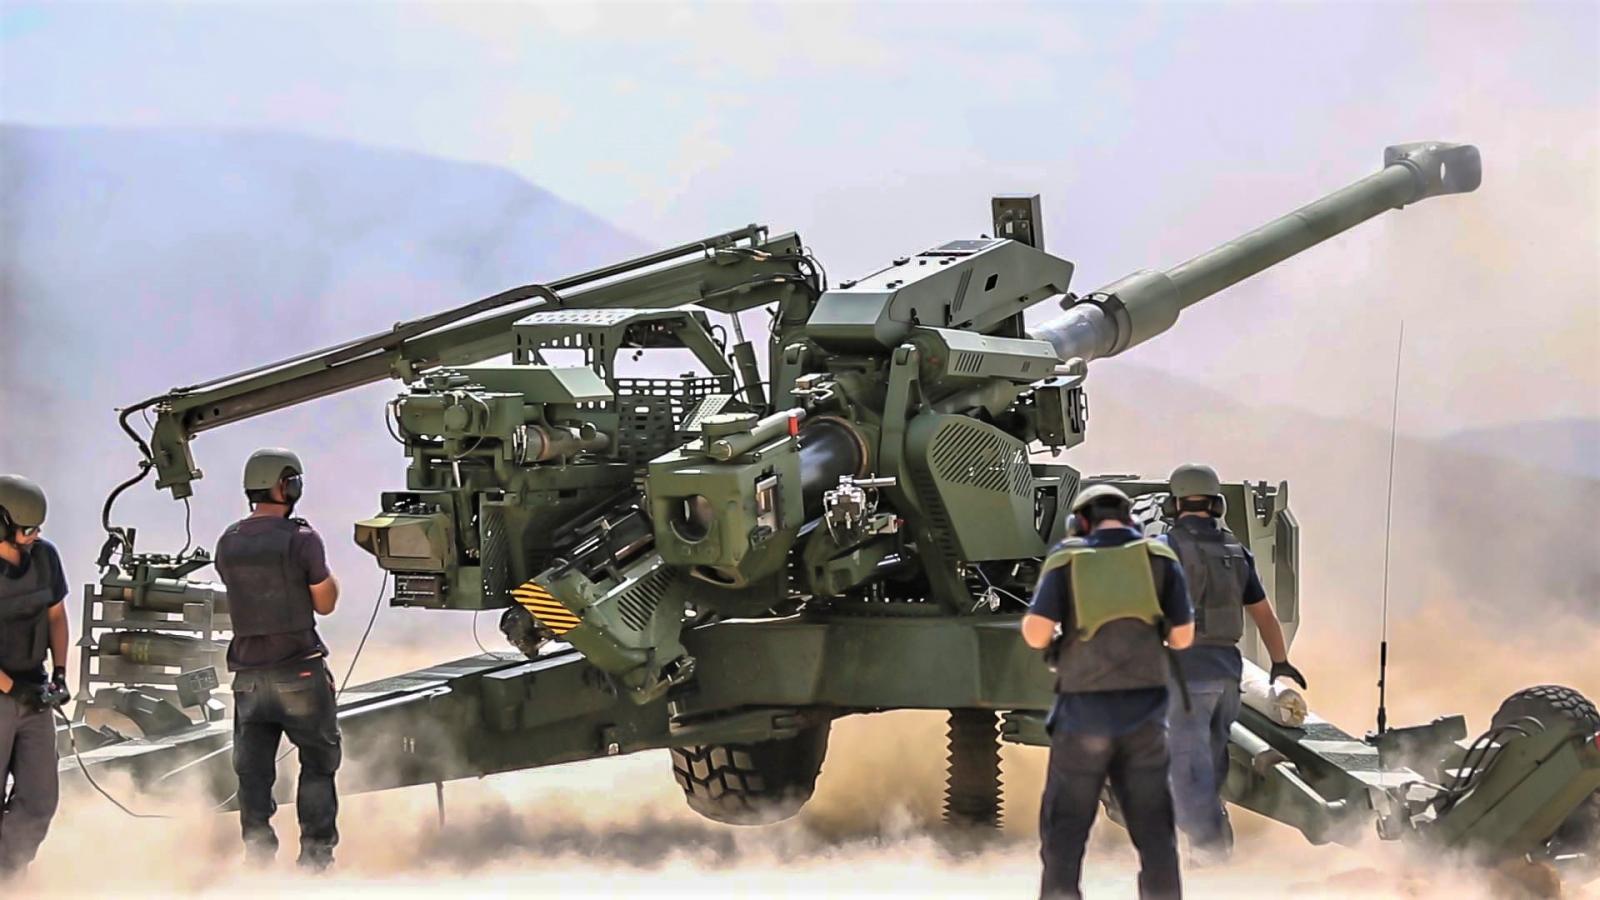 """Khước từ vũ khí của Liên Xô, Ấn Độ trở thành """"trung tâm pháo binh thế giới"""""""